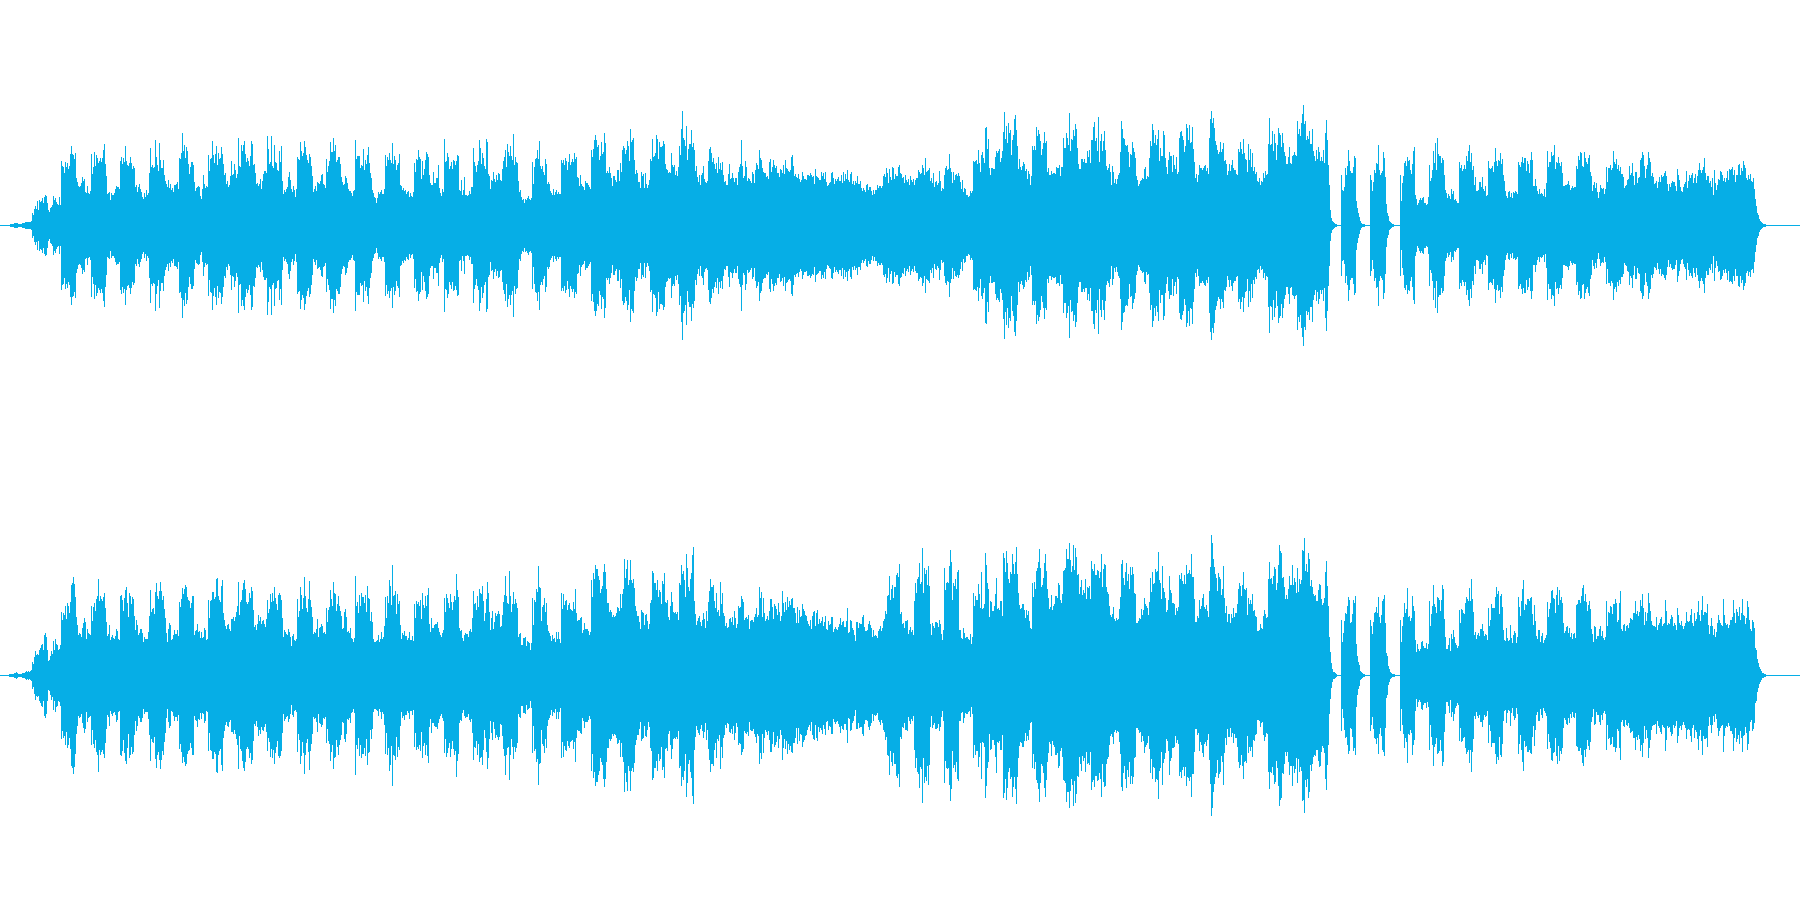 海流(オーシャン・カレント)の再生済みの波形